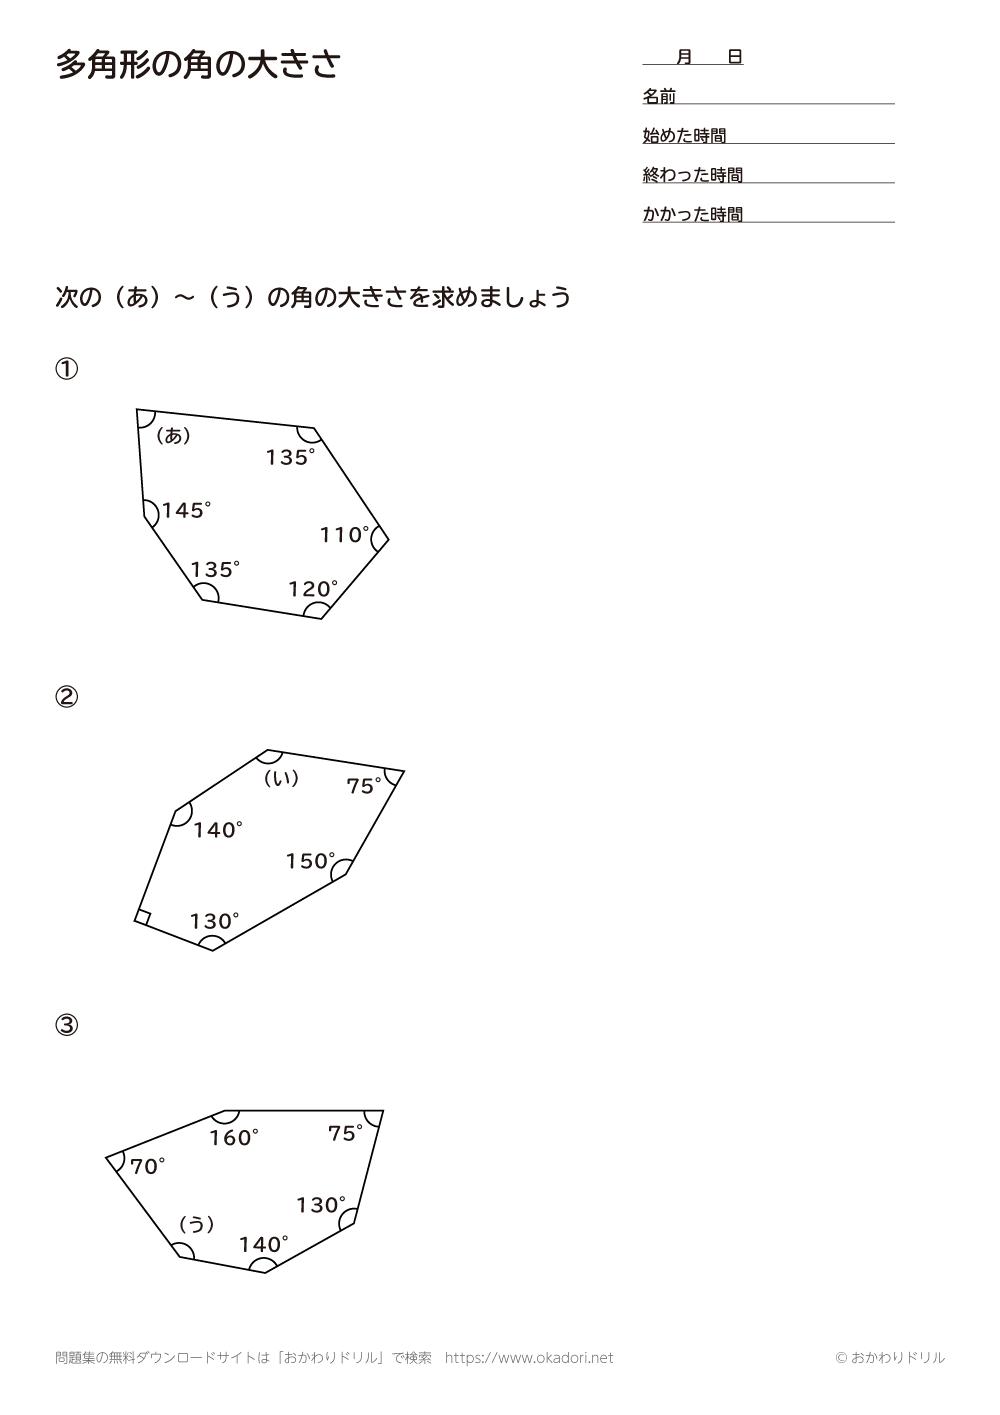 多角形の角の大きさ5